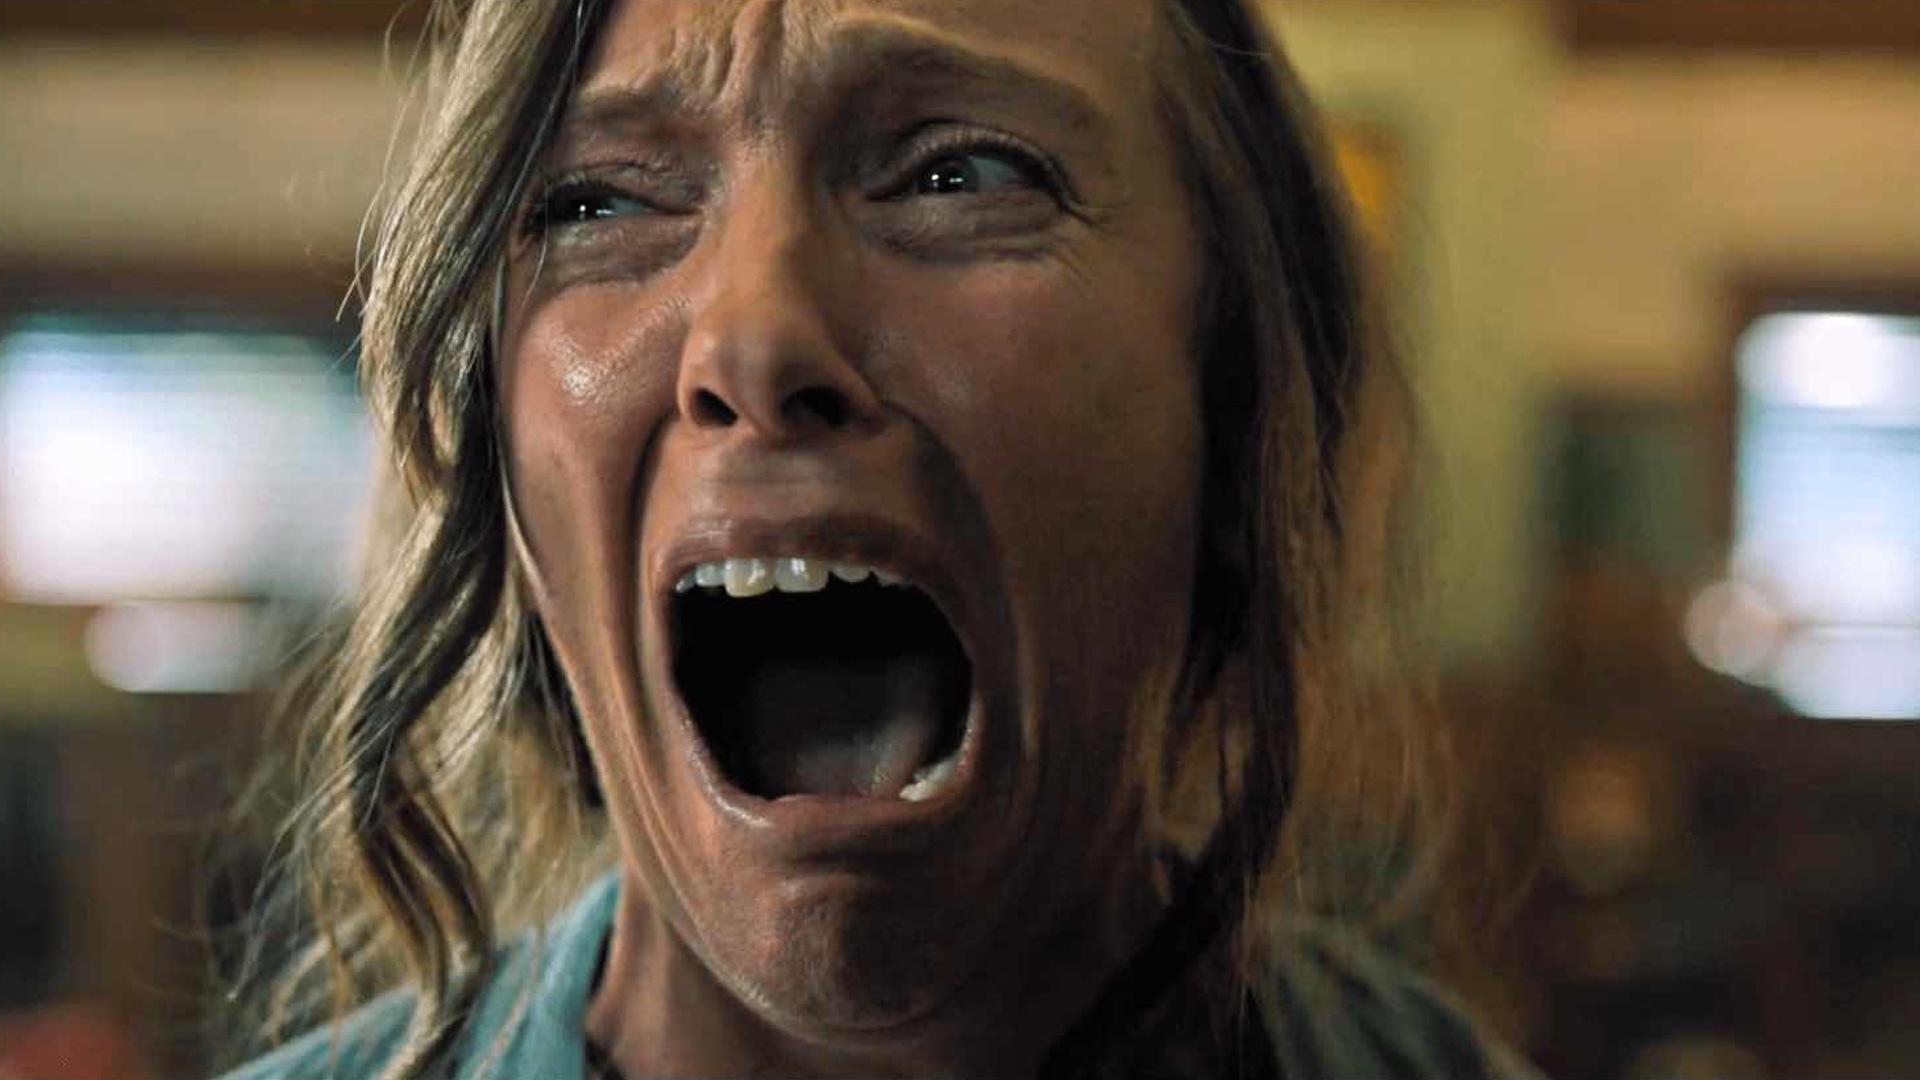 Meilleurs films d'horreur sur Netflix UK